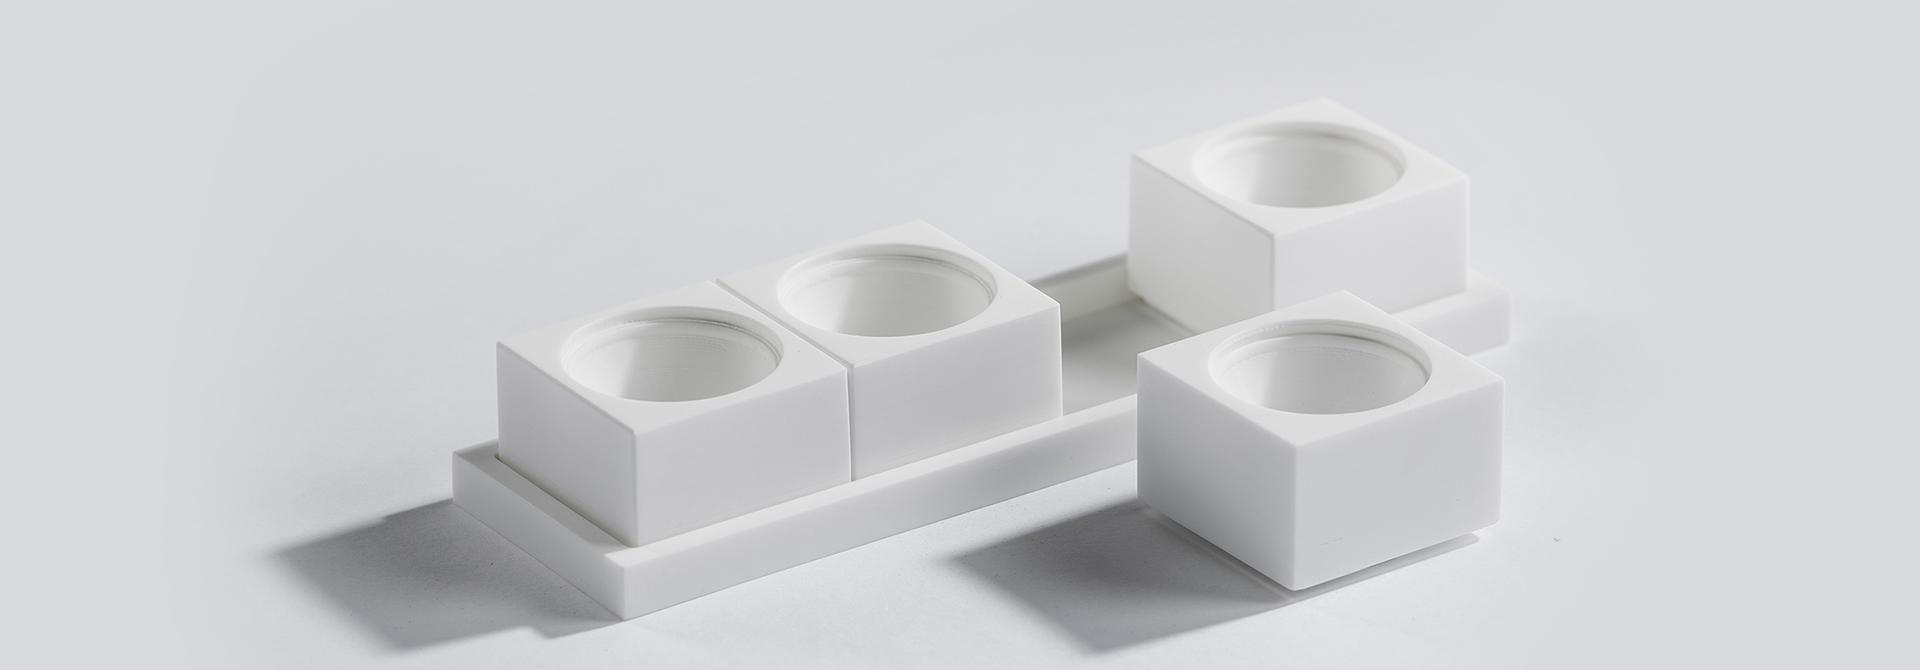 eierdopje vierkant wit collectie zijaanzicht